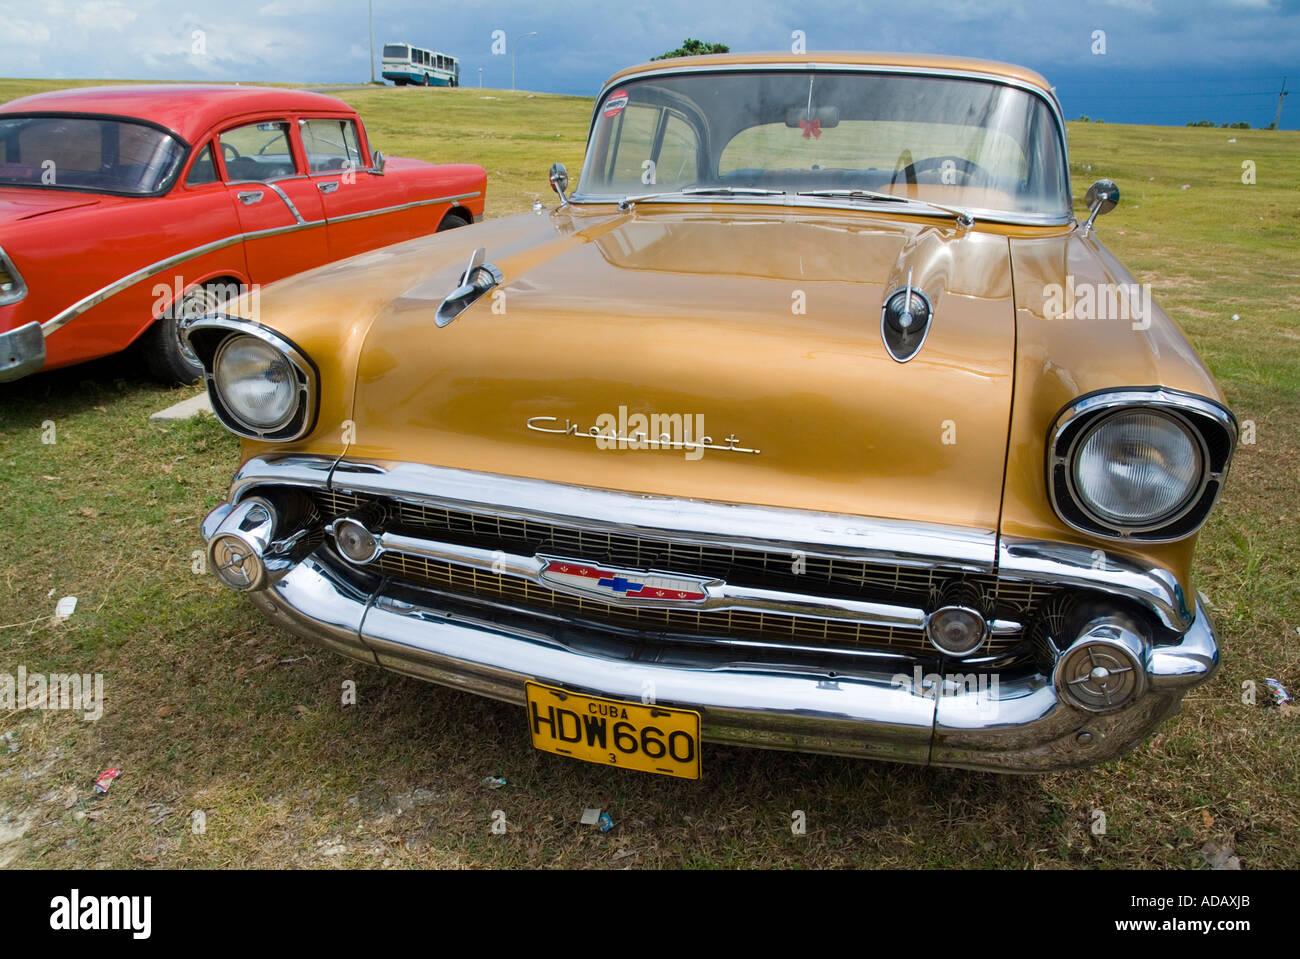 Vintage Car Cuba - Classic voitures américaines à Varadero, Matanzas, Cuba. Photo Stock